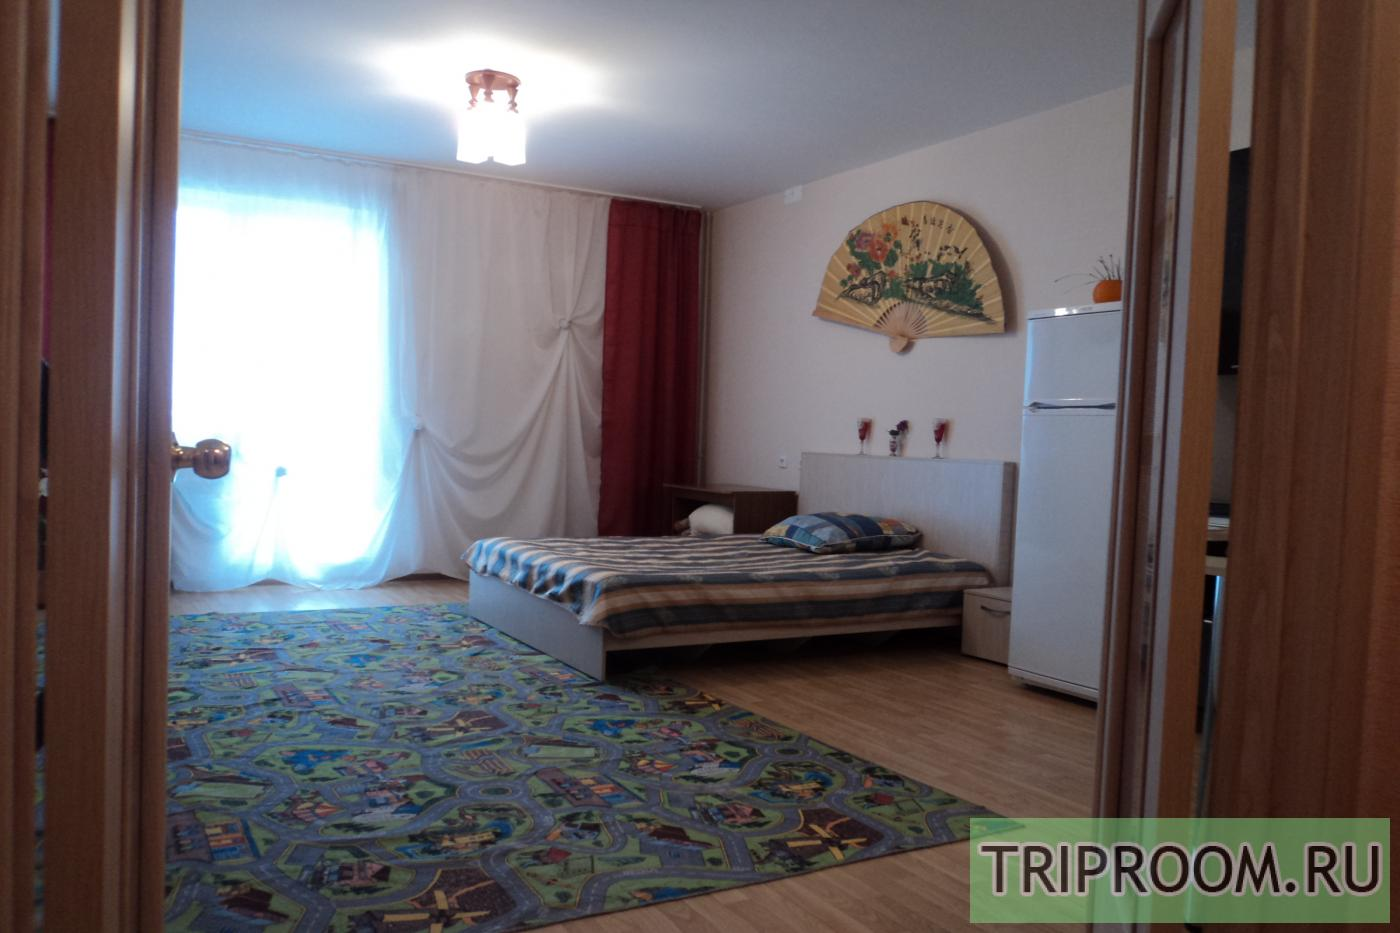 1-комнатная квартира посуточно (вариант № 8988), ул. Братьев Кашириных улица, фото № 2